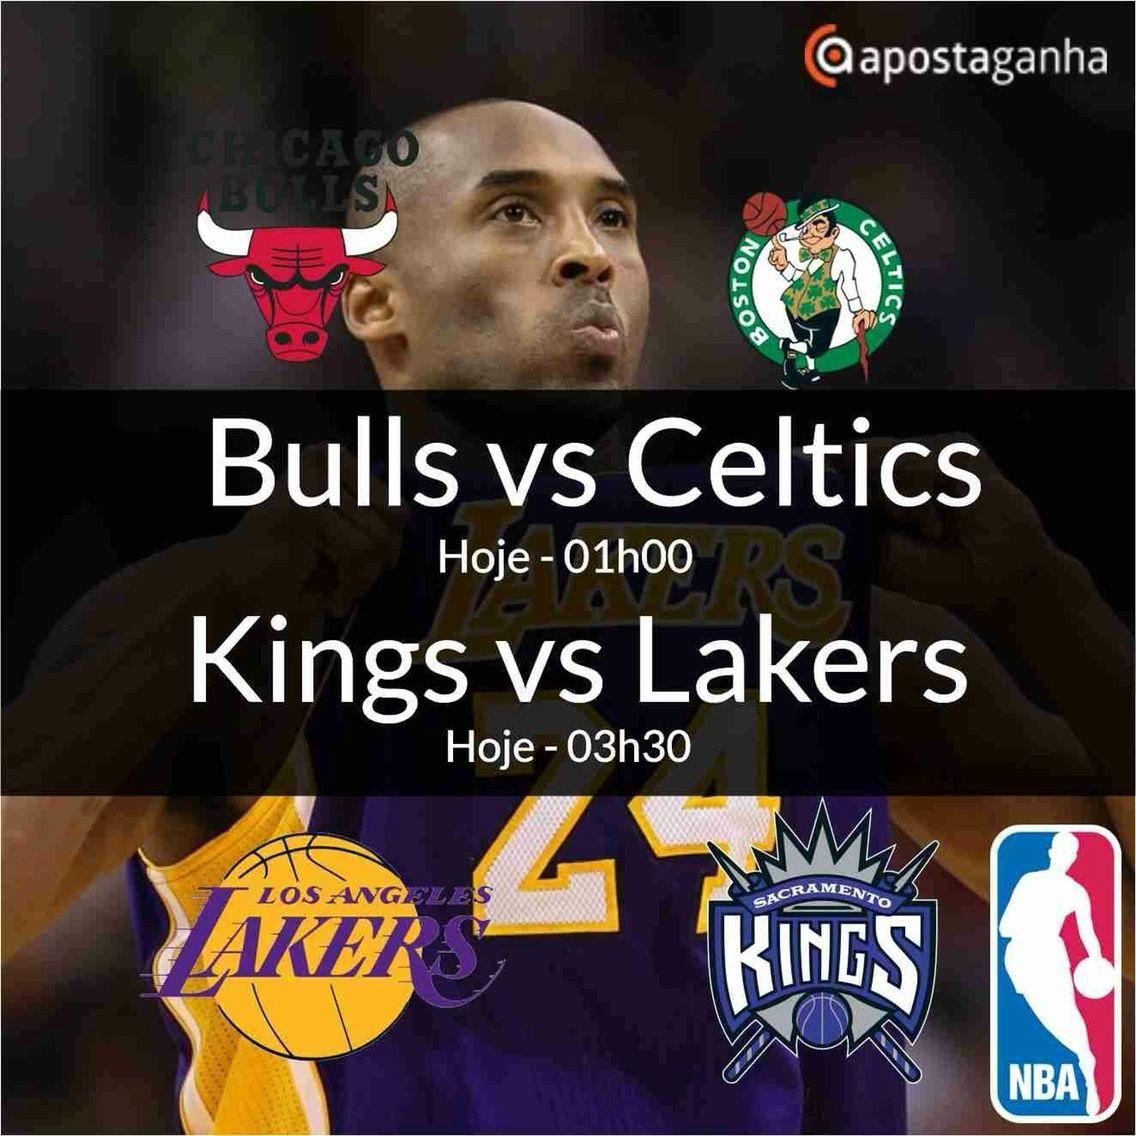 Fechando o dia desportivo no Apostaganha, chegamos com o basket da NBA... Confiram o que separamos para vocês....  http://www.apostaganha.com/2016/01/07/prognostico-apostas-bulls-vs-celtics-nba-112/  http://www.apostaganha.com/2016/01/07/prognostico-apostas-kings-vs-lakers-nba-1111/  Já conheces a Betboro? Uma casa de apostas confiável com inúmeras opções de apostas e um bônus inicial de até 100 Euros... Aproveite...  http://bit.ly/promo-betboro  #apostas #apostaganha #apostasonline #nba…